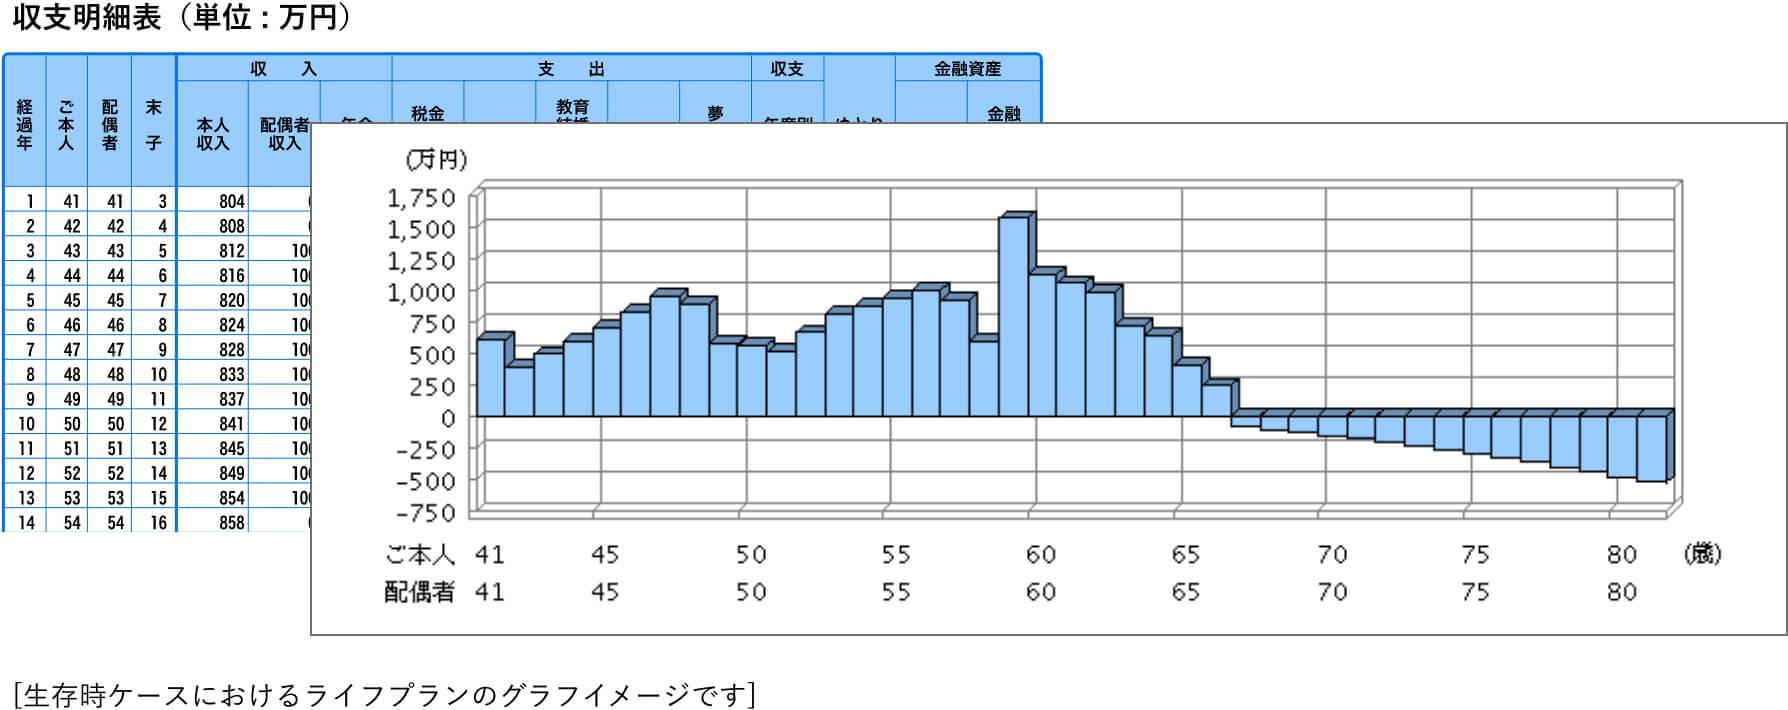 生存時ケースにおけるライフプランのグラフイメージ